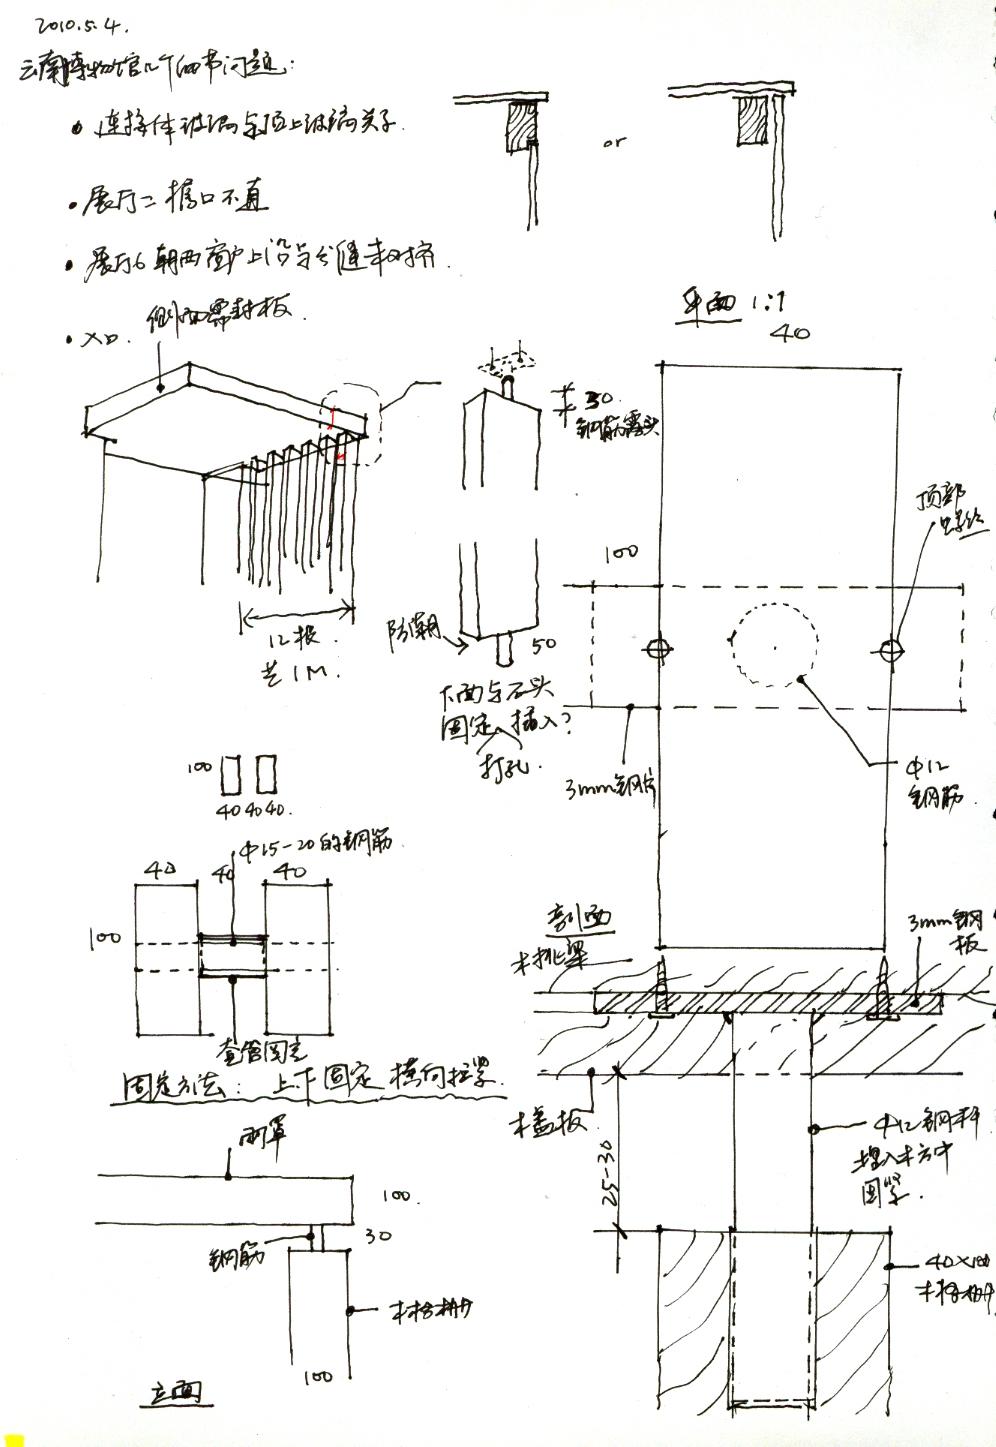 高黎贡手工造纸博物馆的构造草图